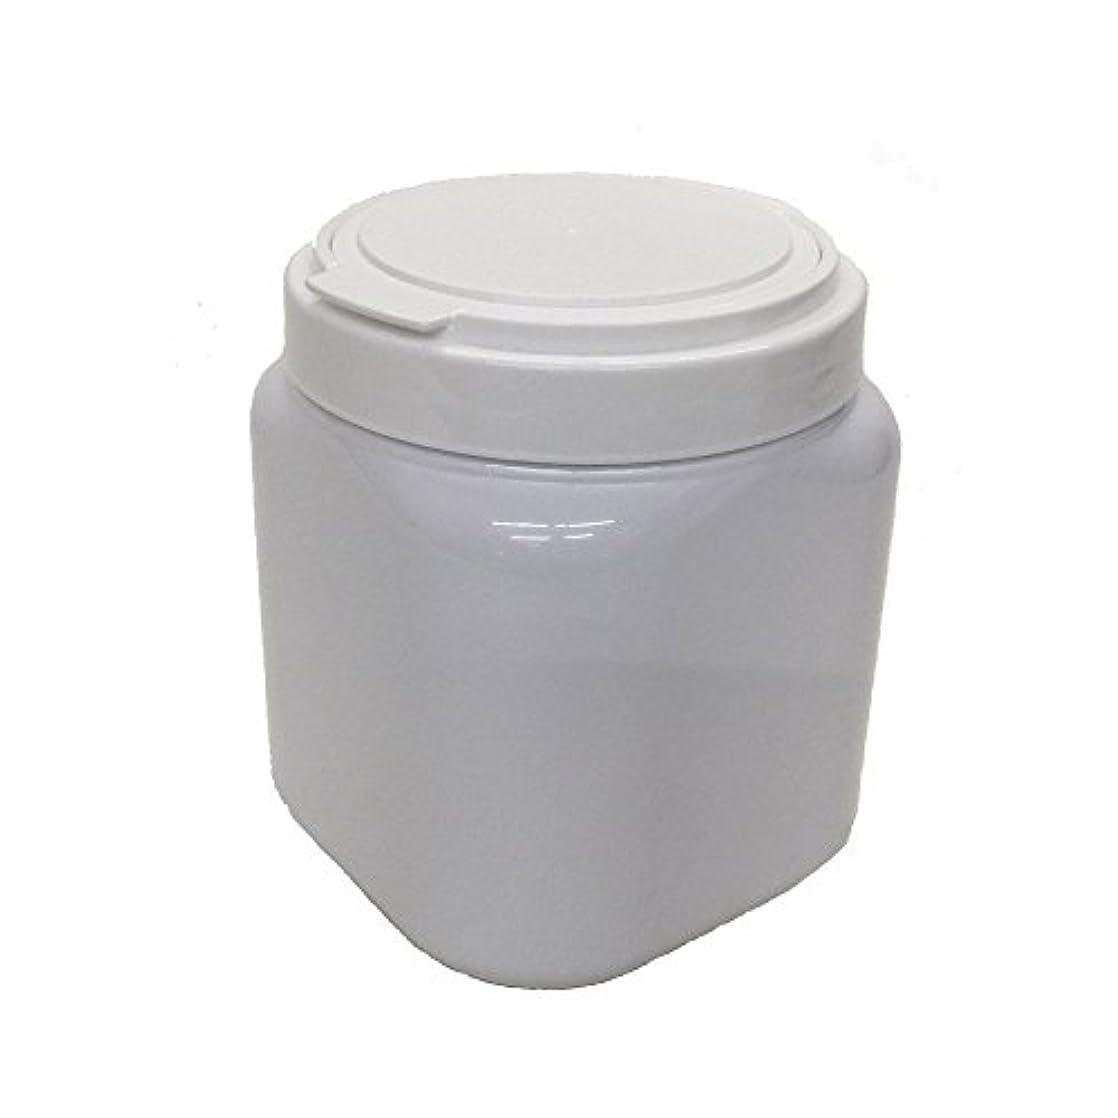 もっともらしい飛ぶ戸口cubebox-WH-1500(ホワイト)【選べるラベル付き!】 ((Skinny)スキニー調)